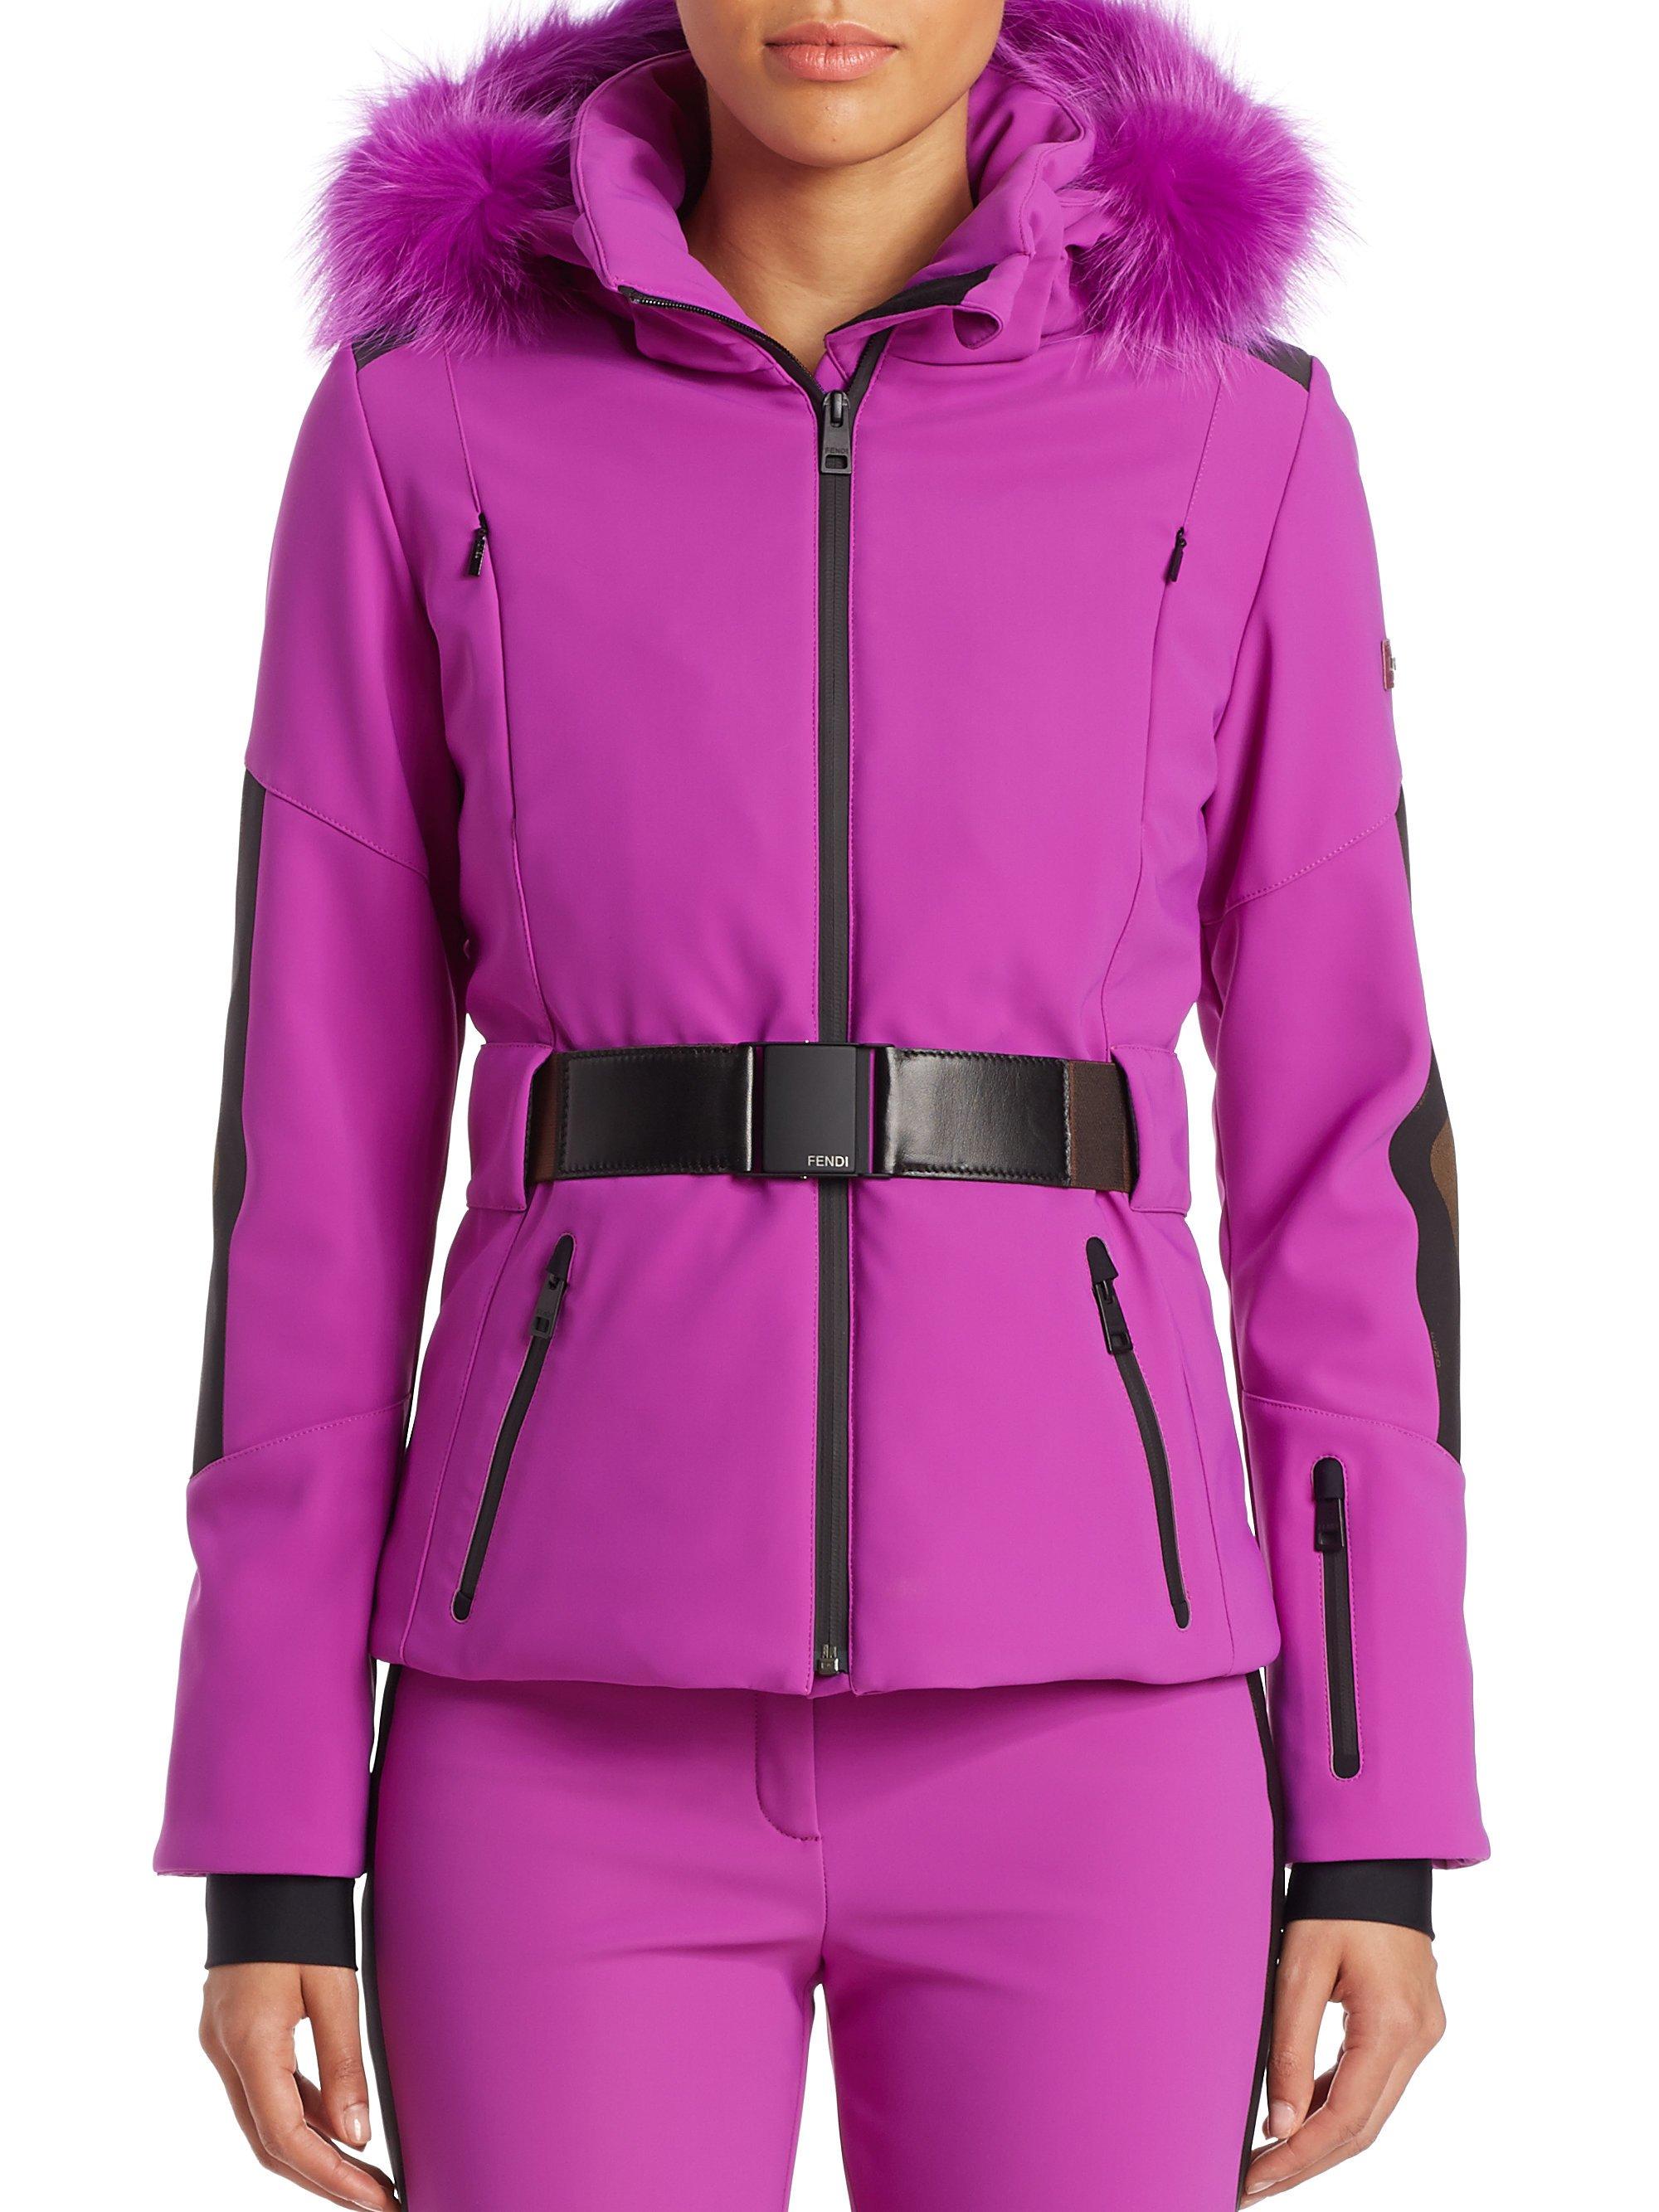 Lyst - Fendi Pequin Fur-trim Ski Jacket in Purple 6f6f6272f